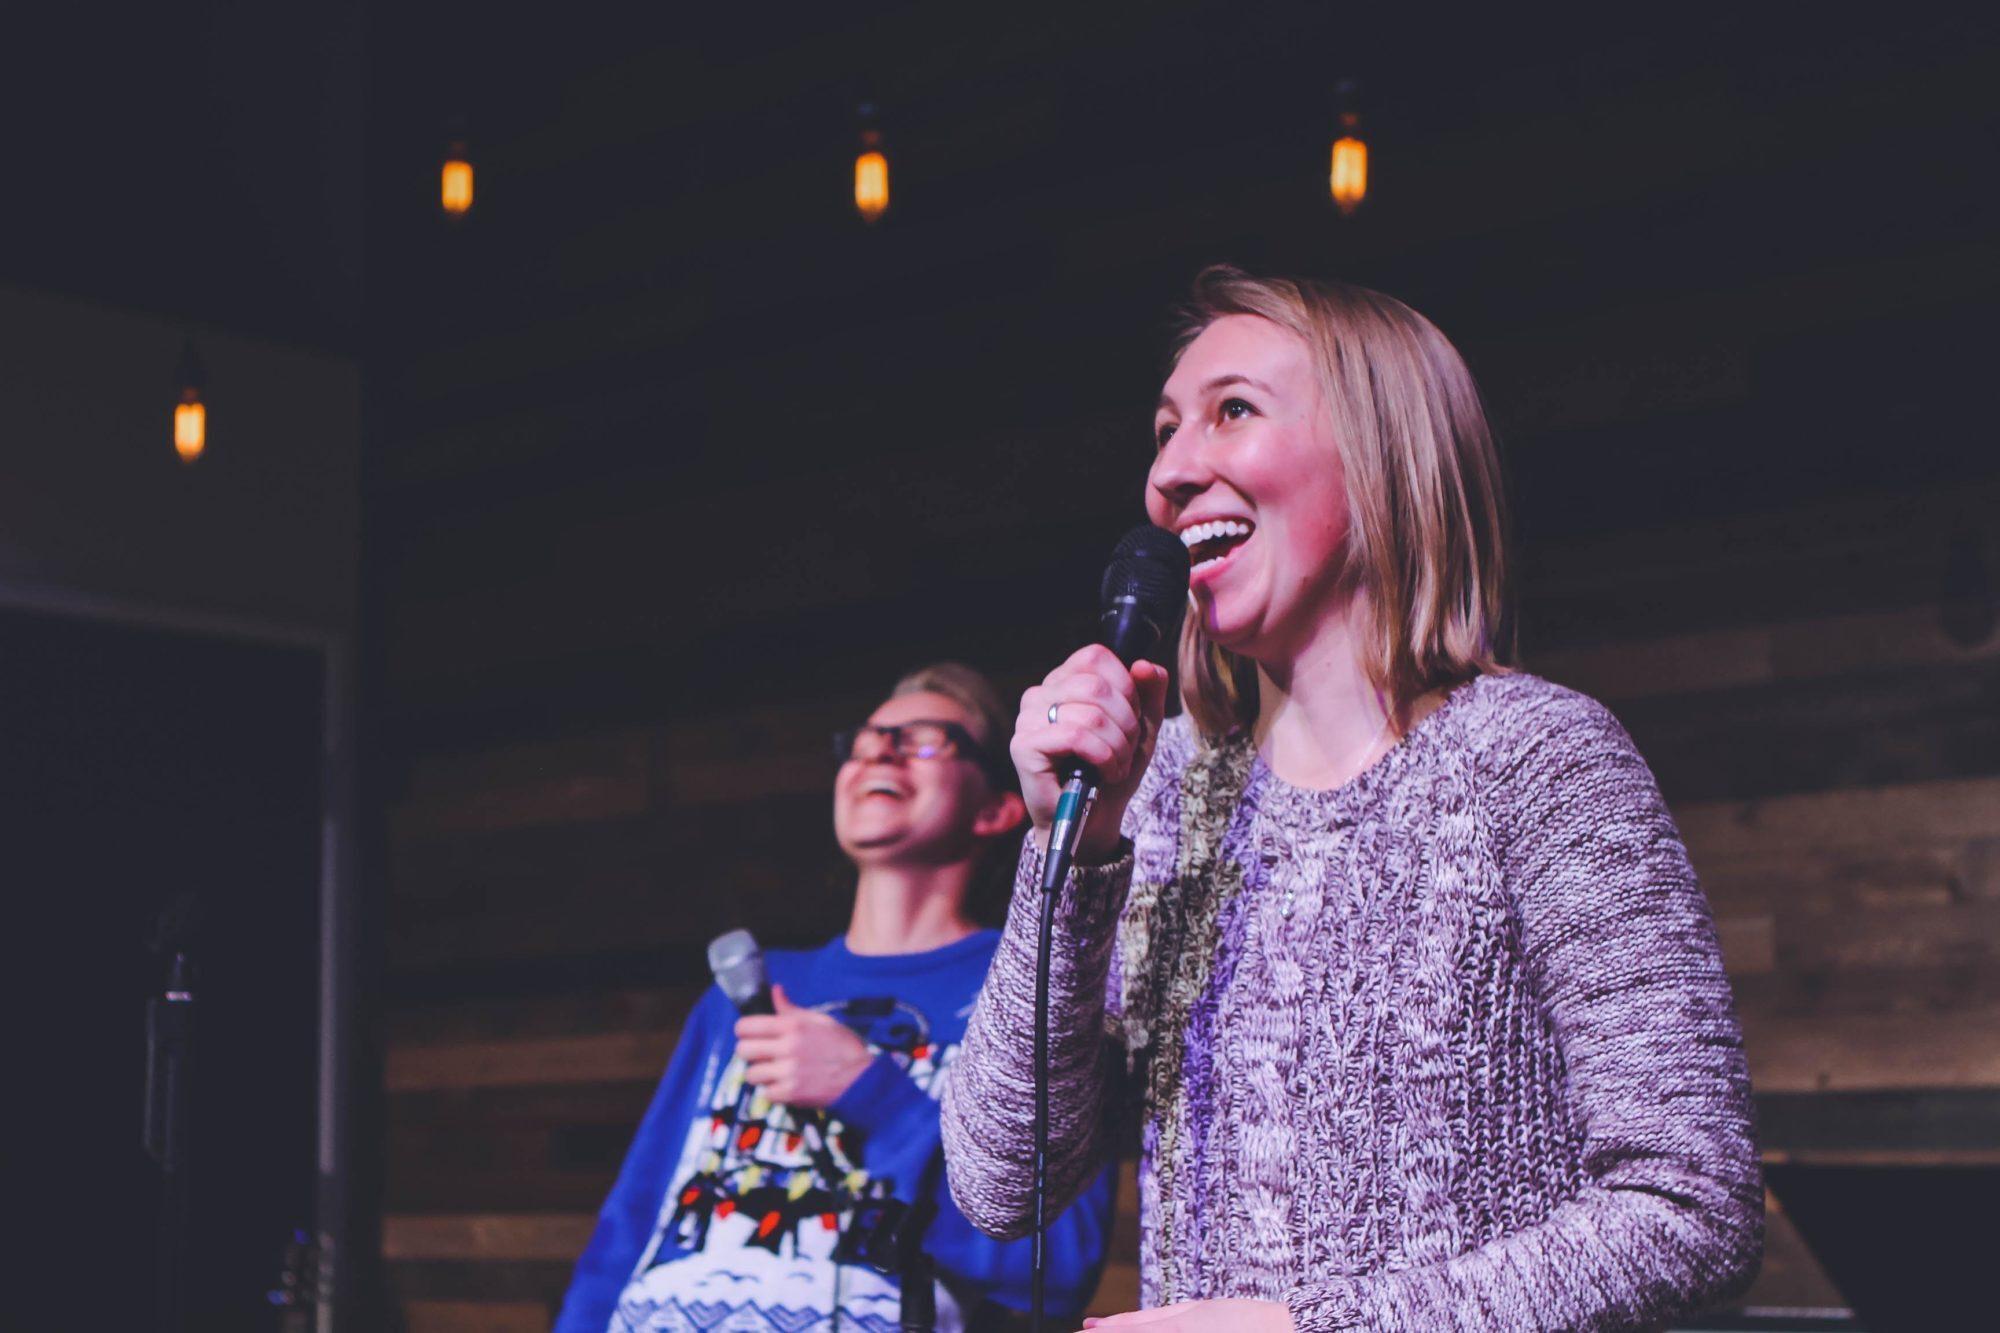 Zdjęcie przedstawia dwie uśmiechnięte osoby trzymające w rękach mikrofony